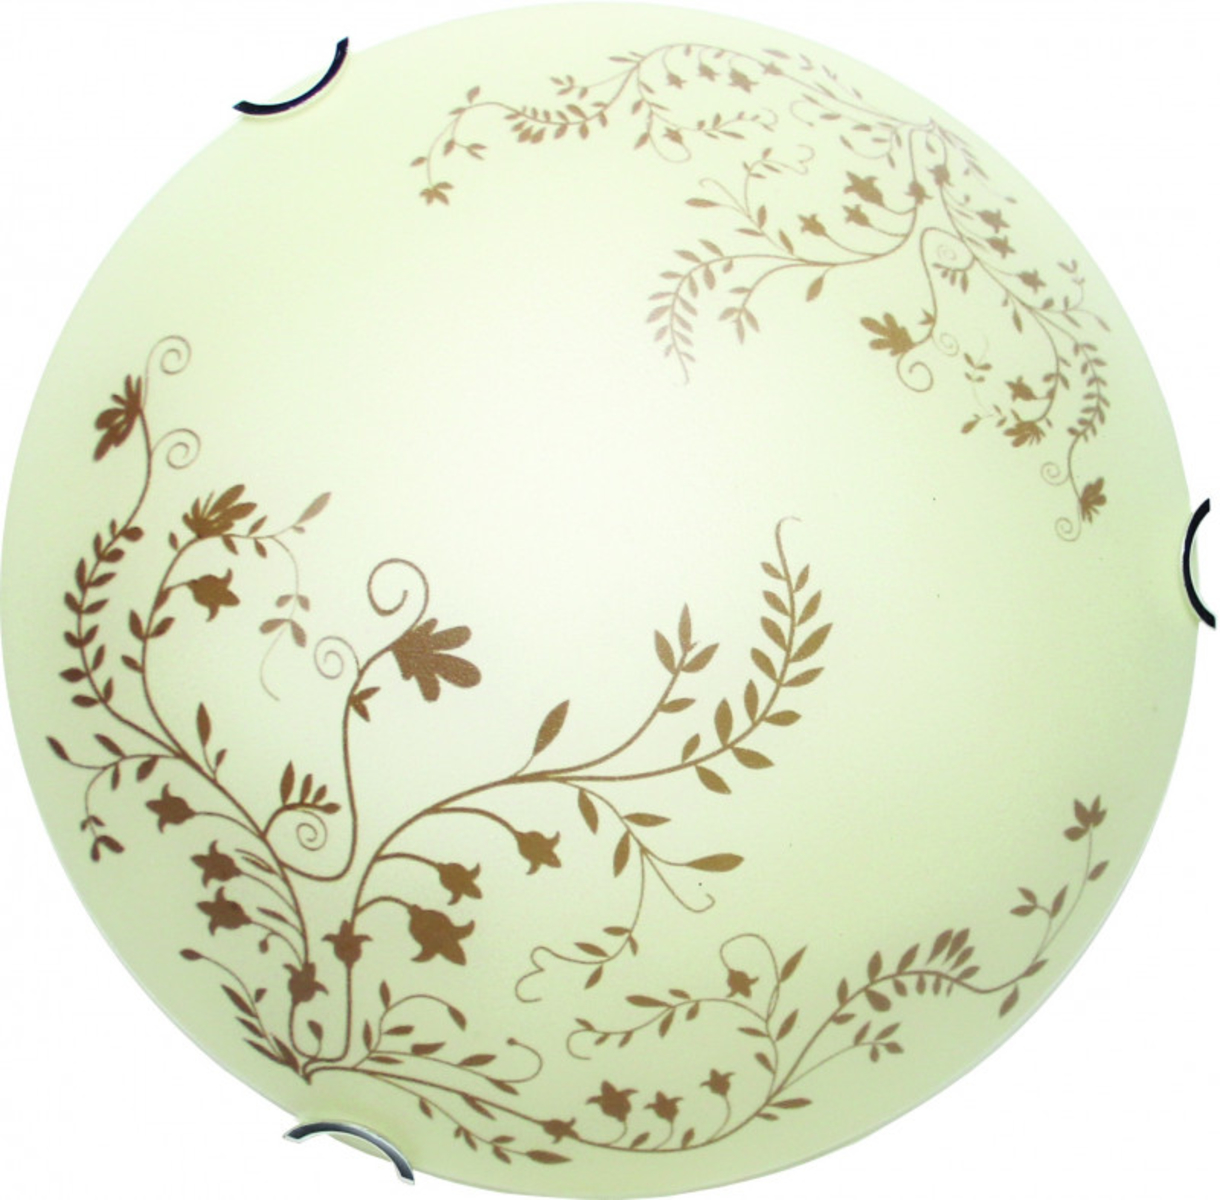 Купить Накладной светильник Ornament Накладной светильник ARTE Lamp A4920PL-1CC (15834), HomeMe